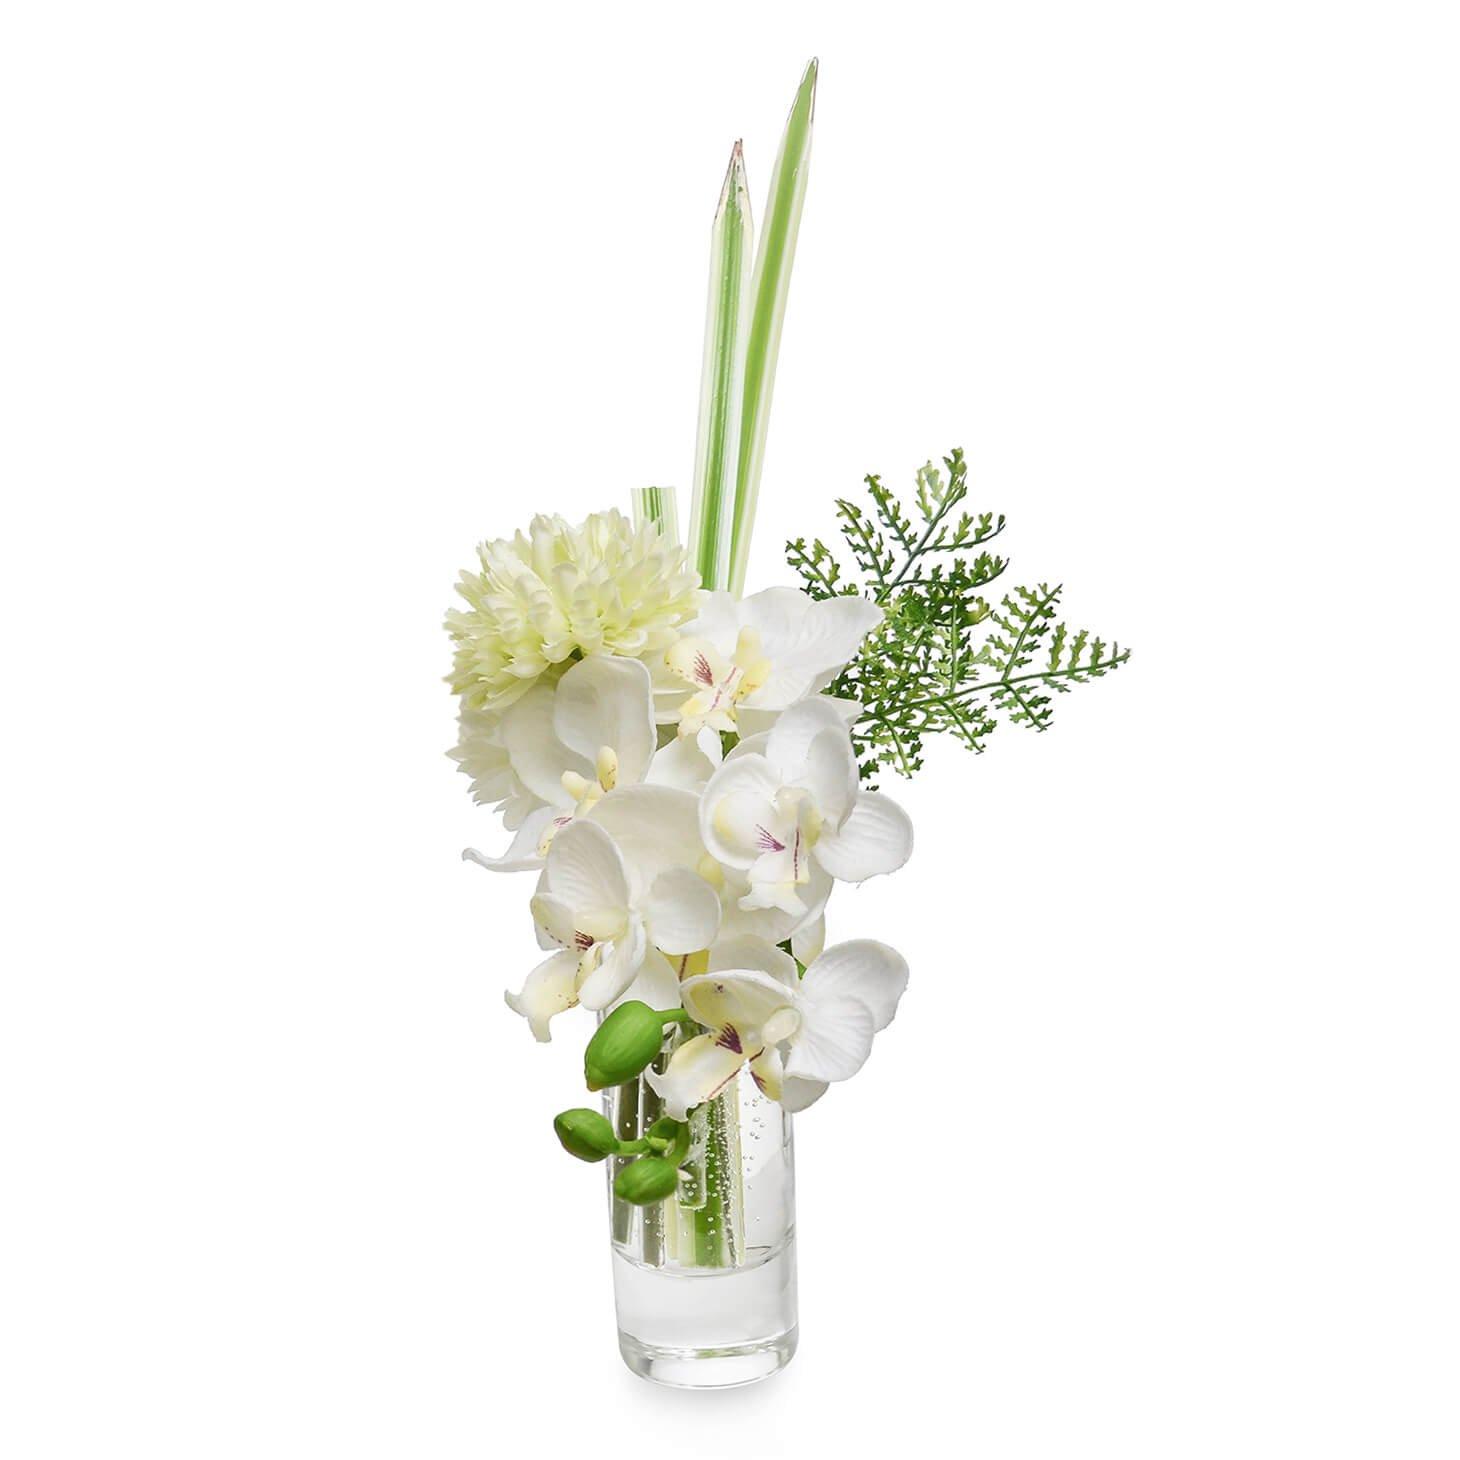 オーキッド&マム ウォーター供花 グリーン